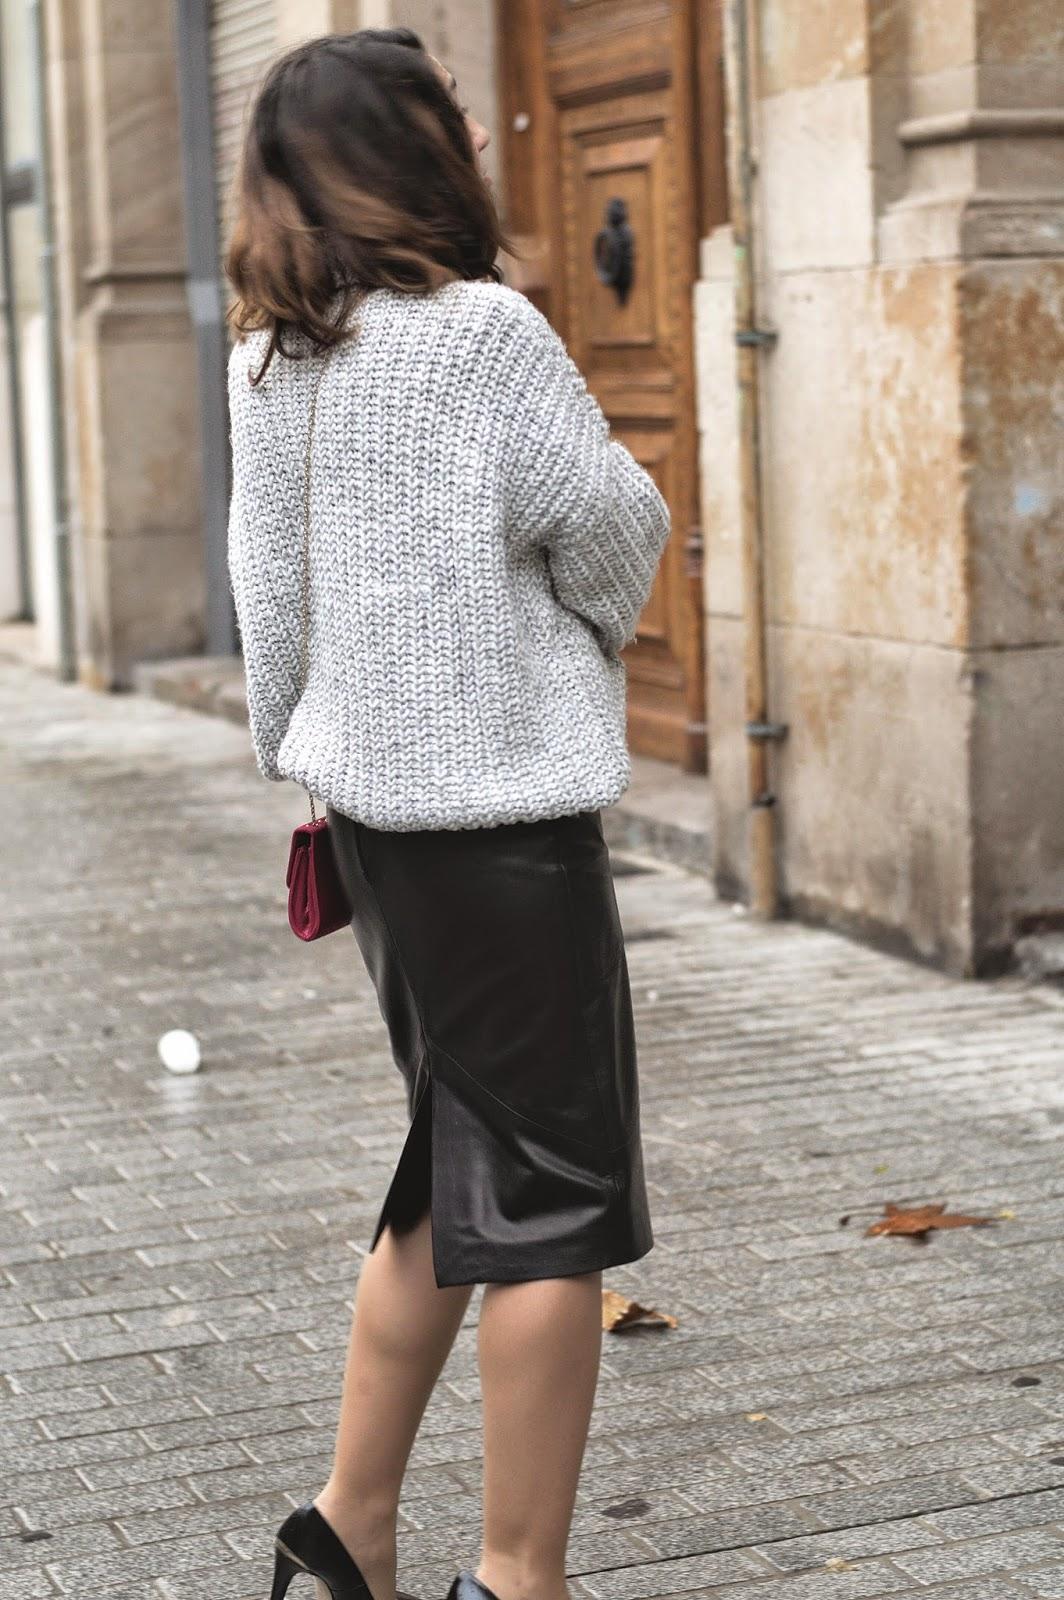 Falda Toni Francesc, Stilettos Menbur,  jersey Zara, bolso Accessorize